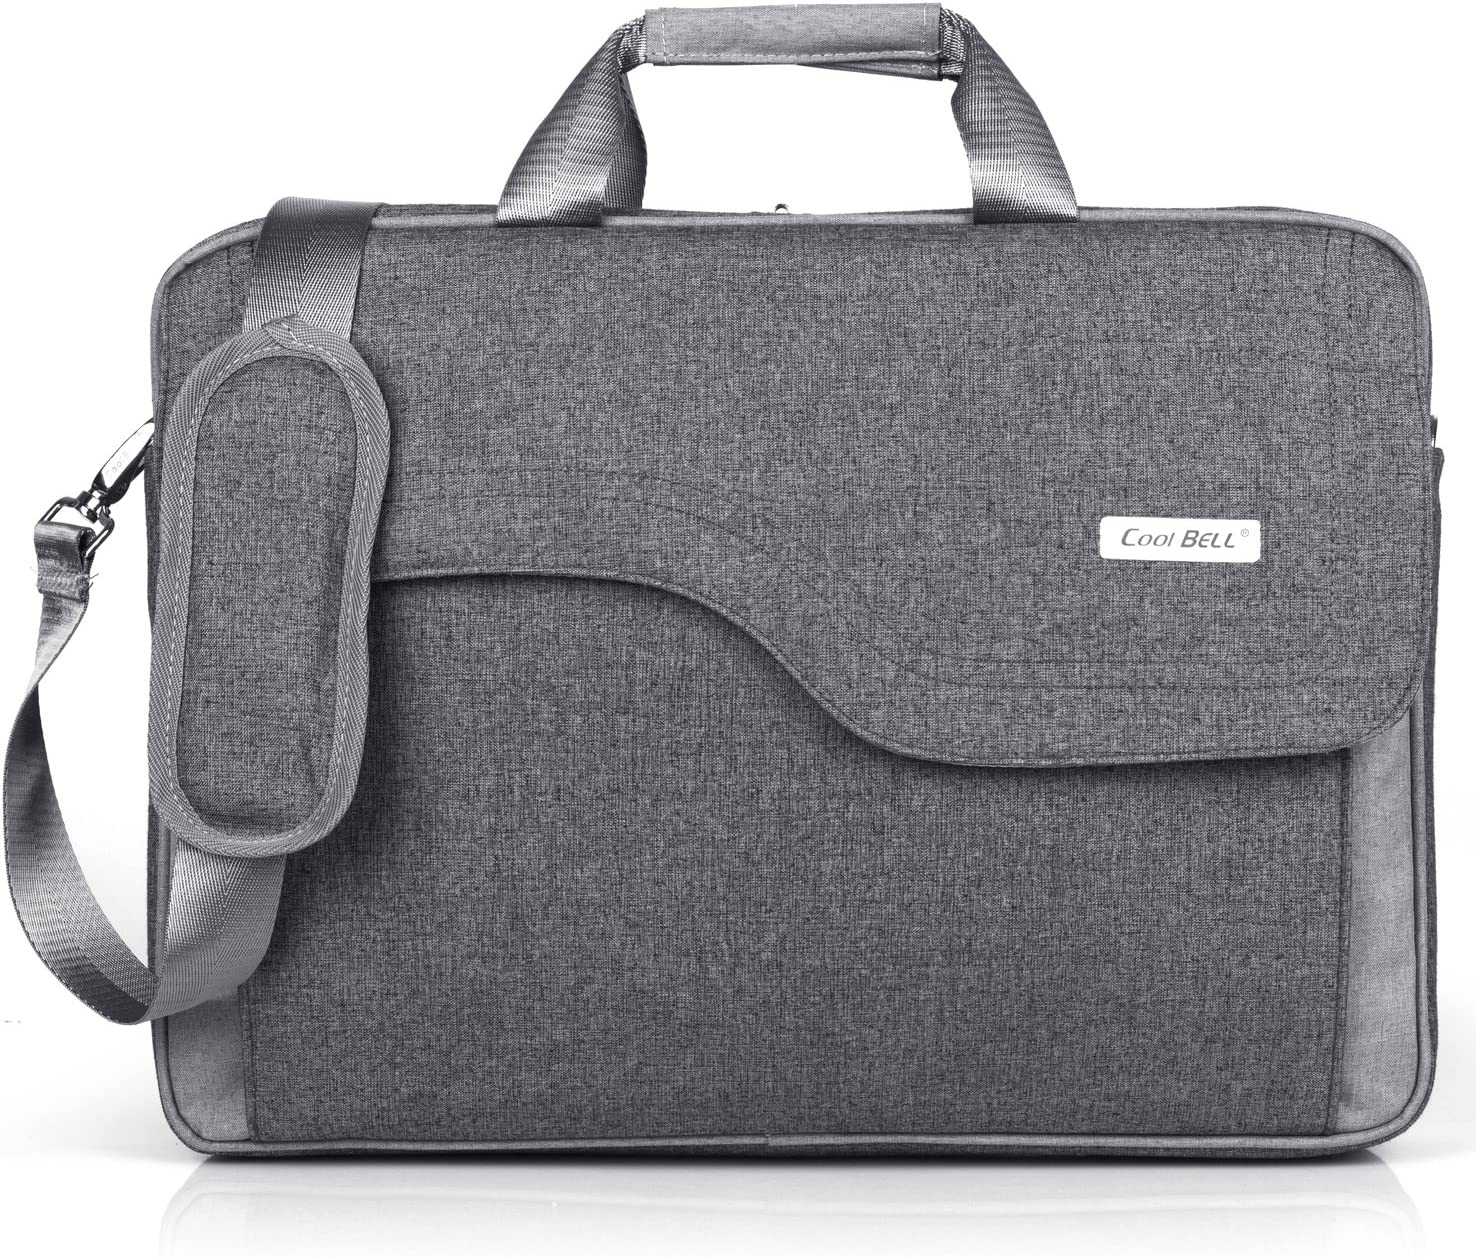 CoolBELL 15.6 Inch Laptop Bag Nylon Shoulder Bag Messenger Hand Bag Briefcase for Men/Women (Grey)